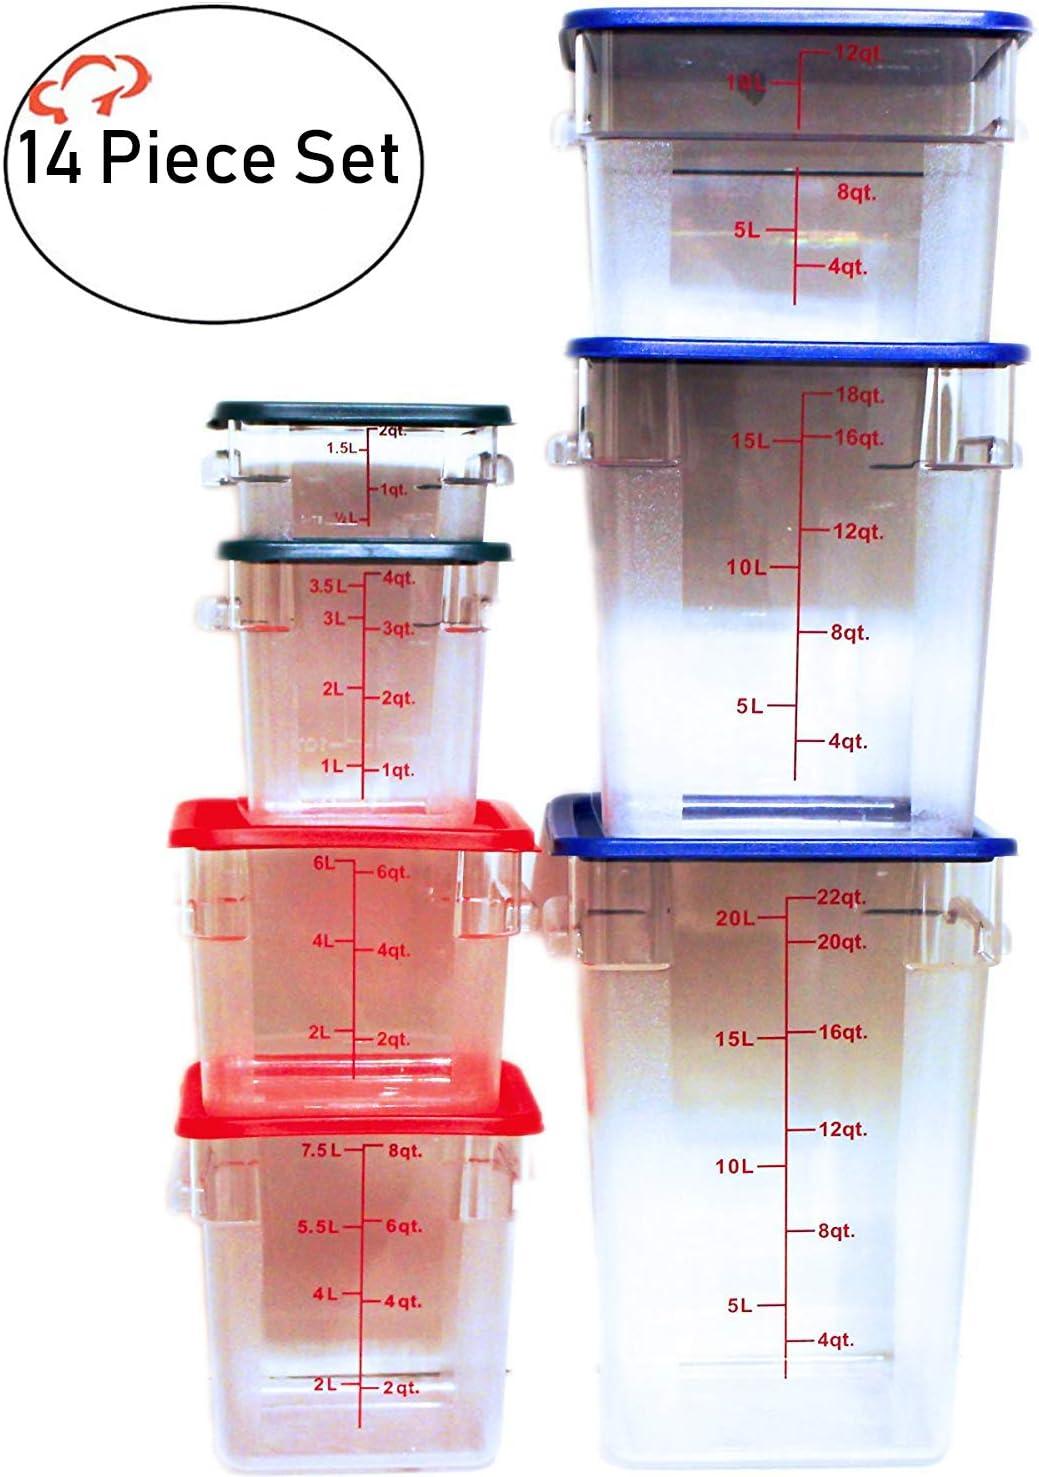 Tiger Chef Food Storage Containers with Lids - 14 Piece Plastic Container Set for Pantry Storage- Commercial Grade in 2 Qt, 4 Qt, 6 Qt, 8 Qt, 12 Qt, 18 Qt & 22 Qt